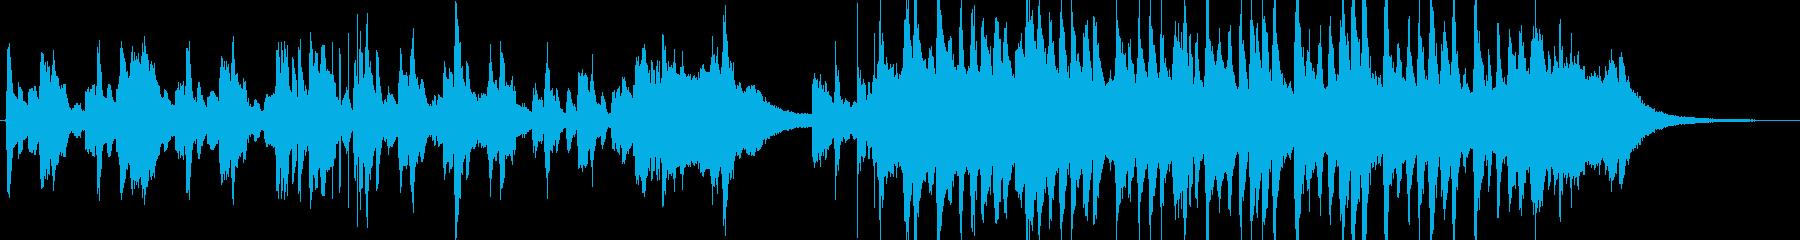 卑劣なサウンドトラックは、ティムバ...の再生済みの波形